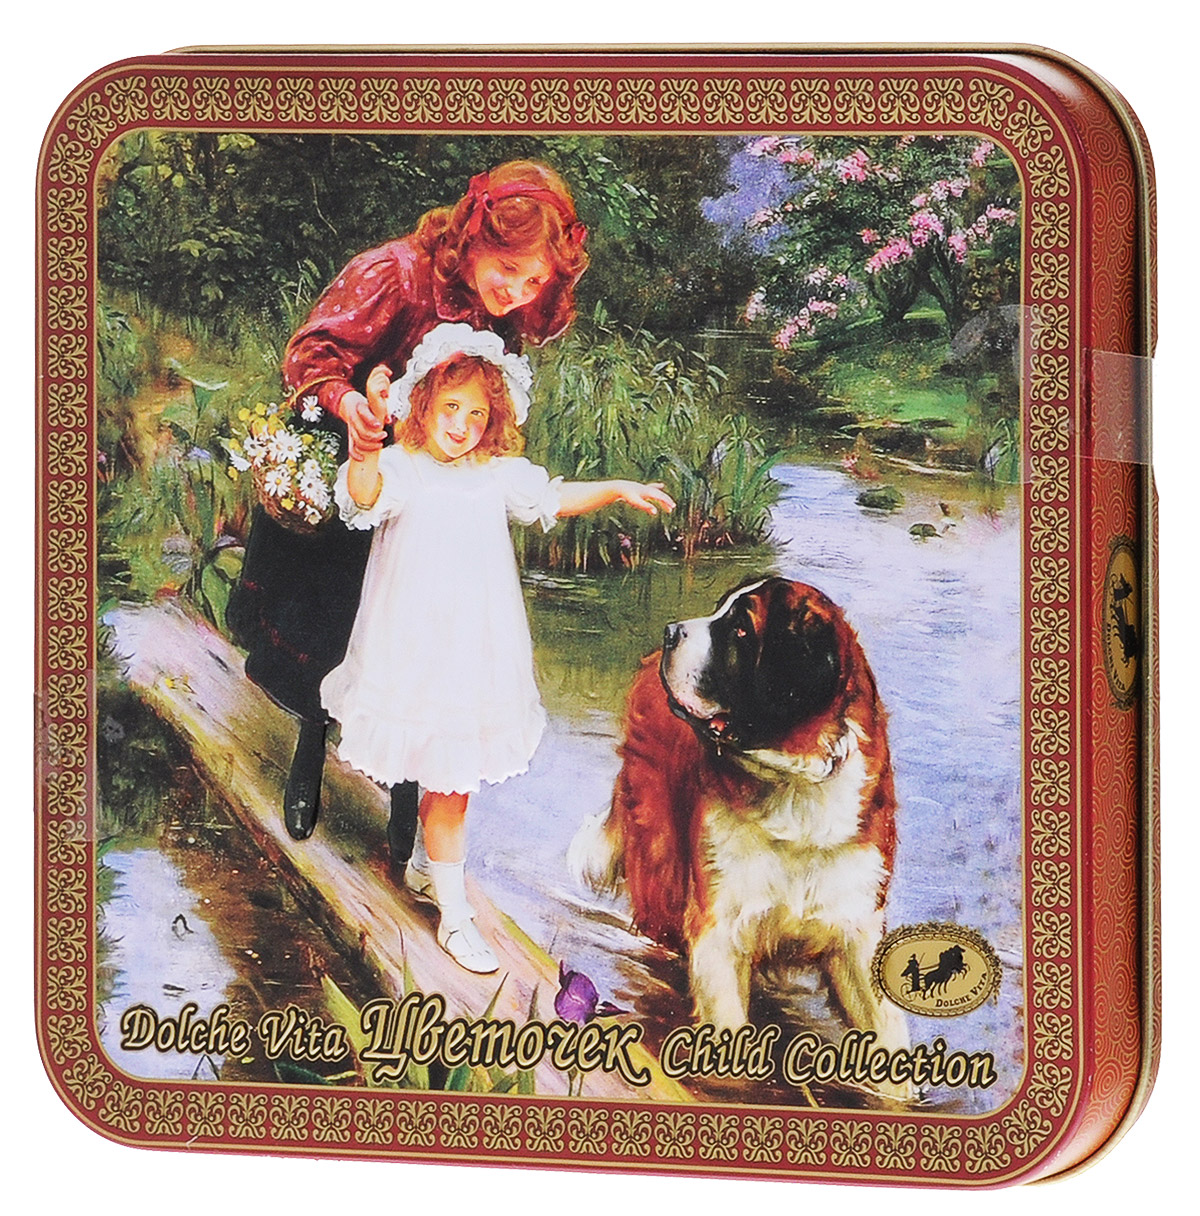 Dolche Vita Цветочек черный и зеленый листовой чай, 100 г (подарочная шкатулка) dolche vita от всего сердца подарочный набор 3 вида чая 120 г